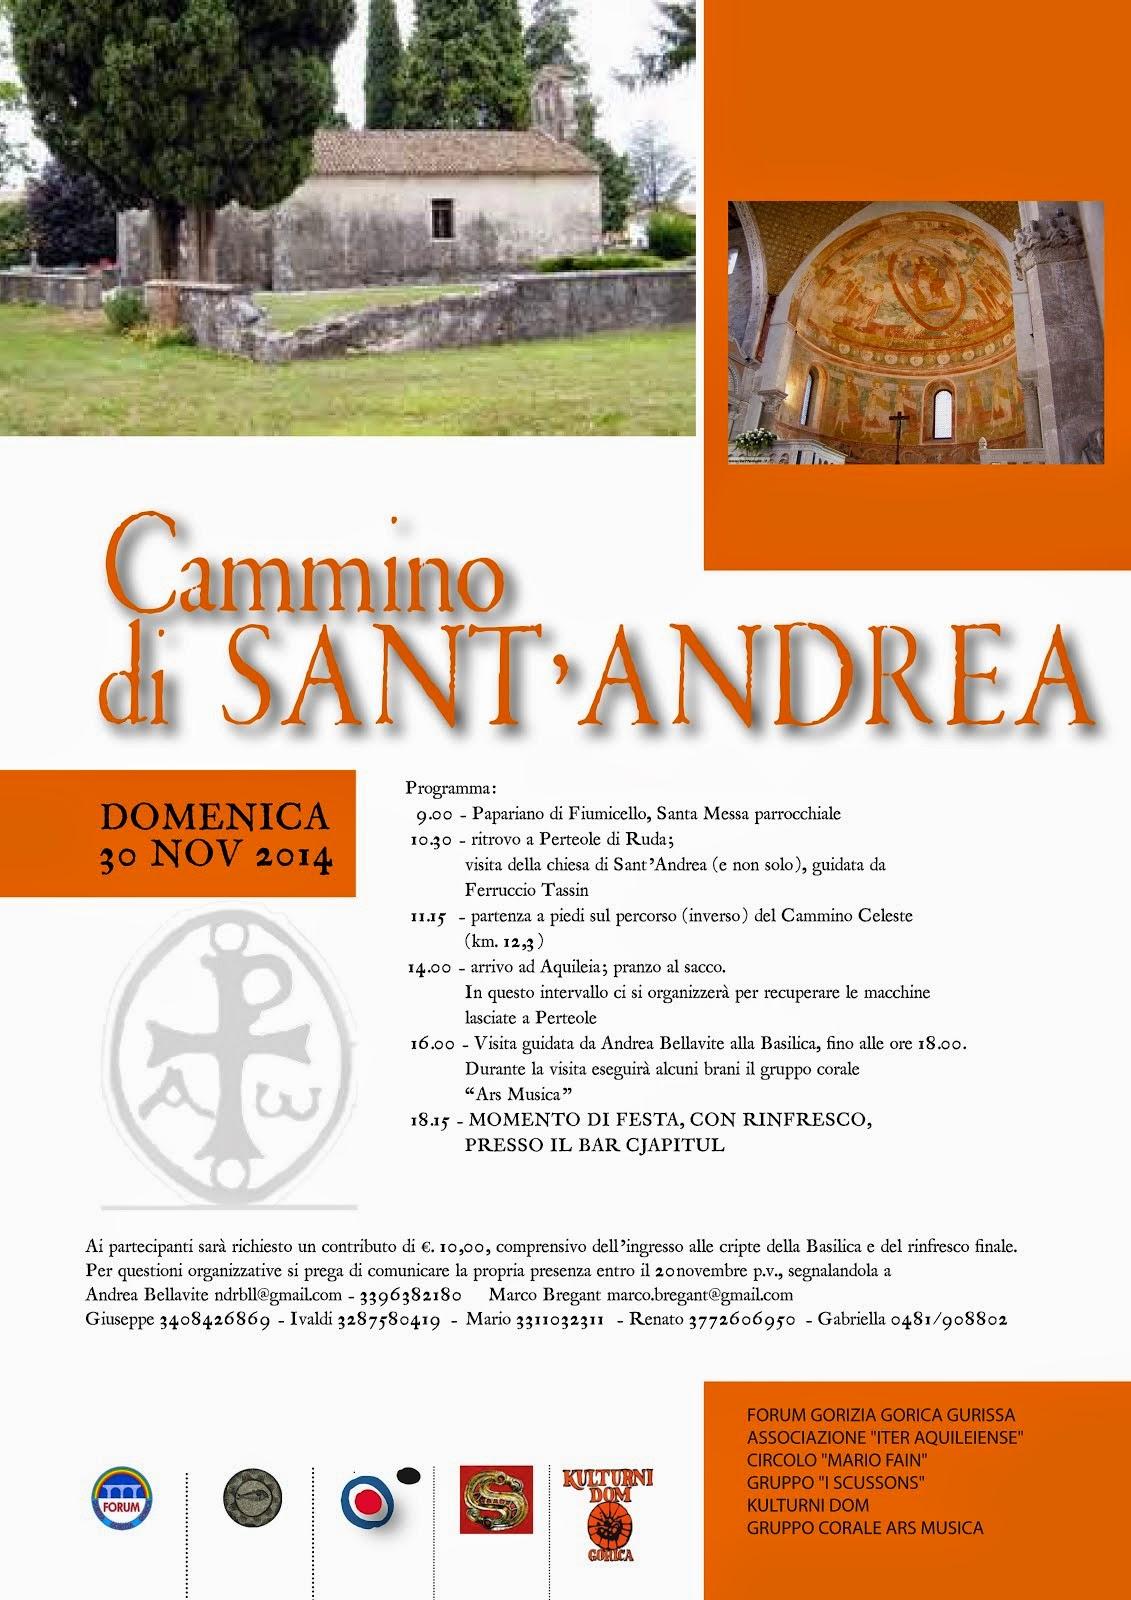 Cammino di Sant'Andrea